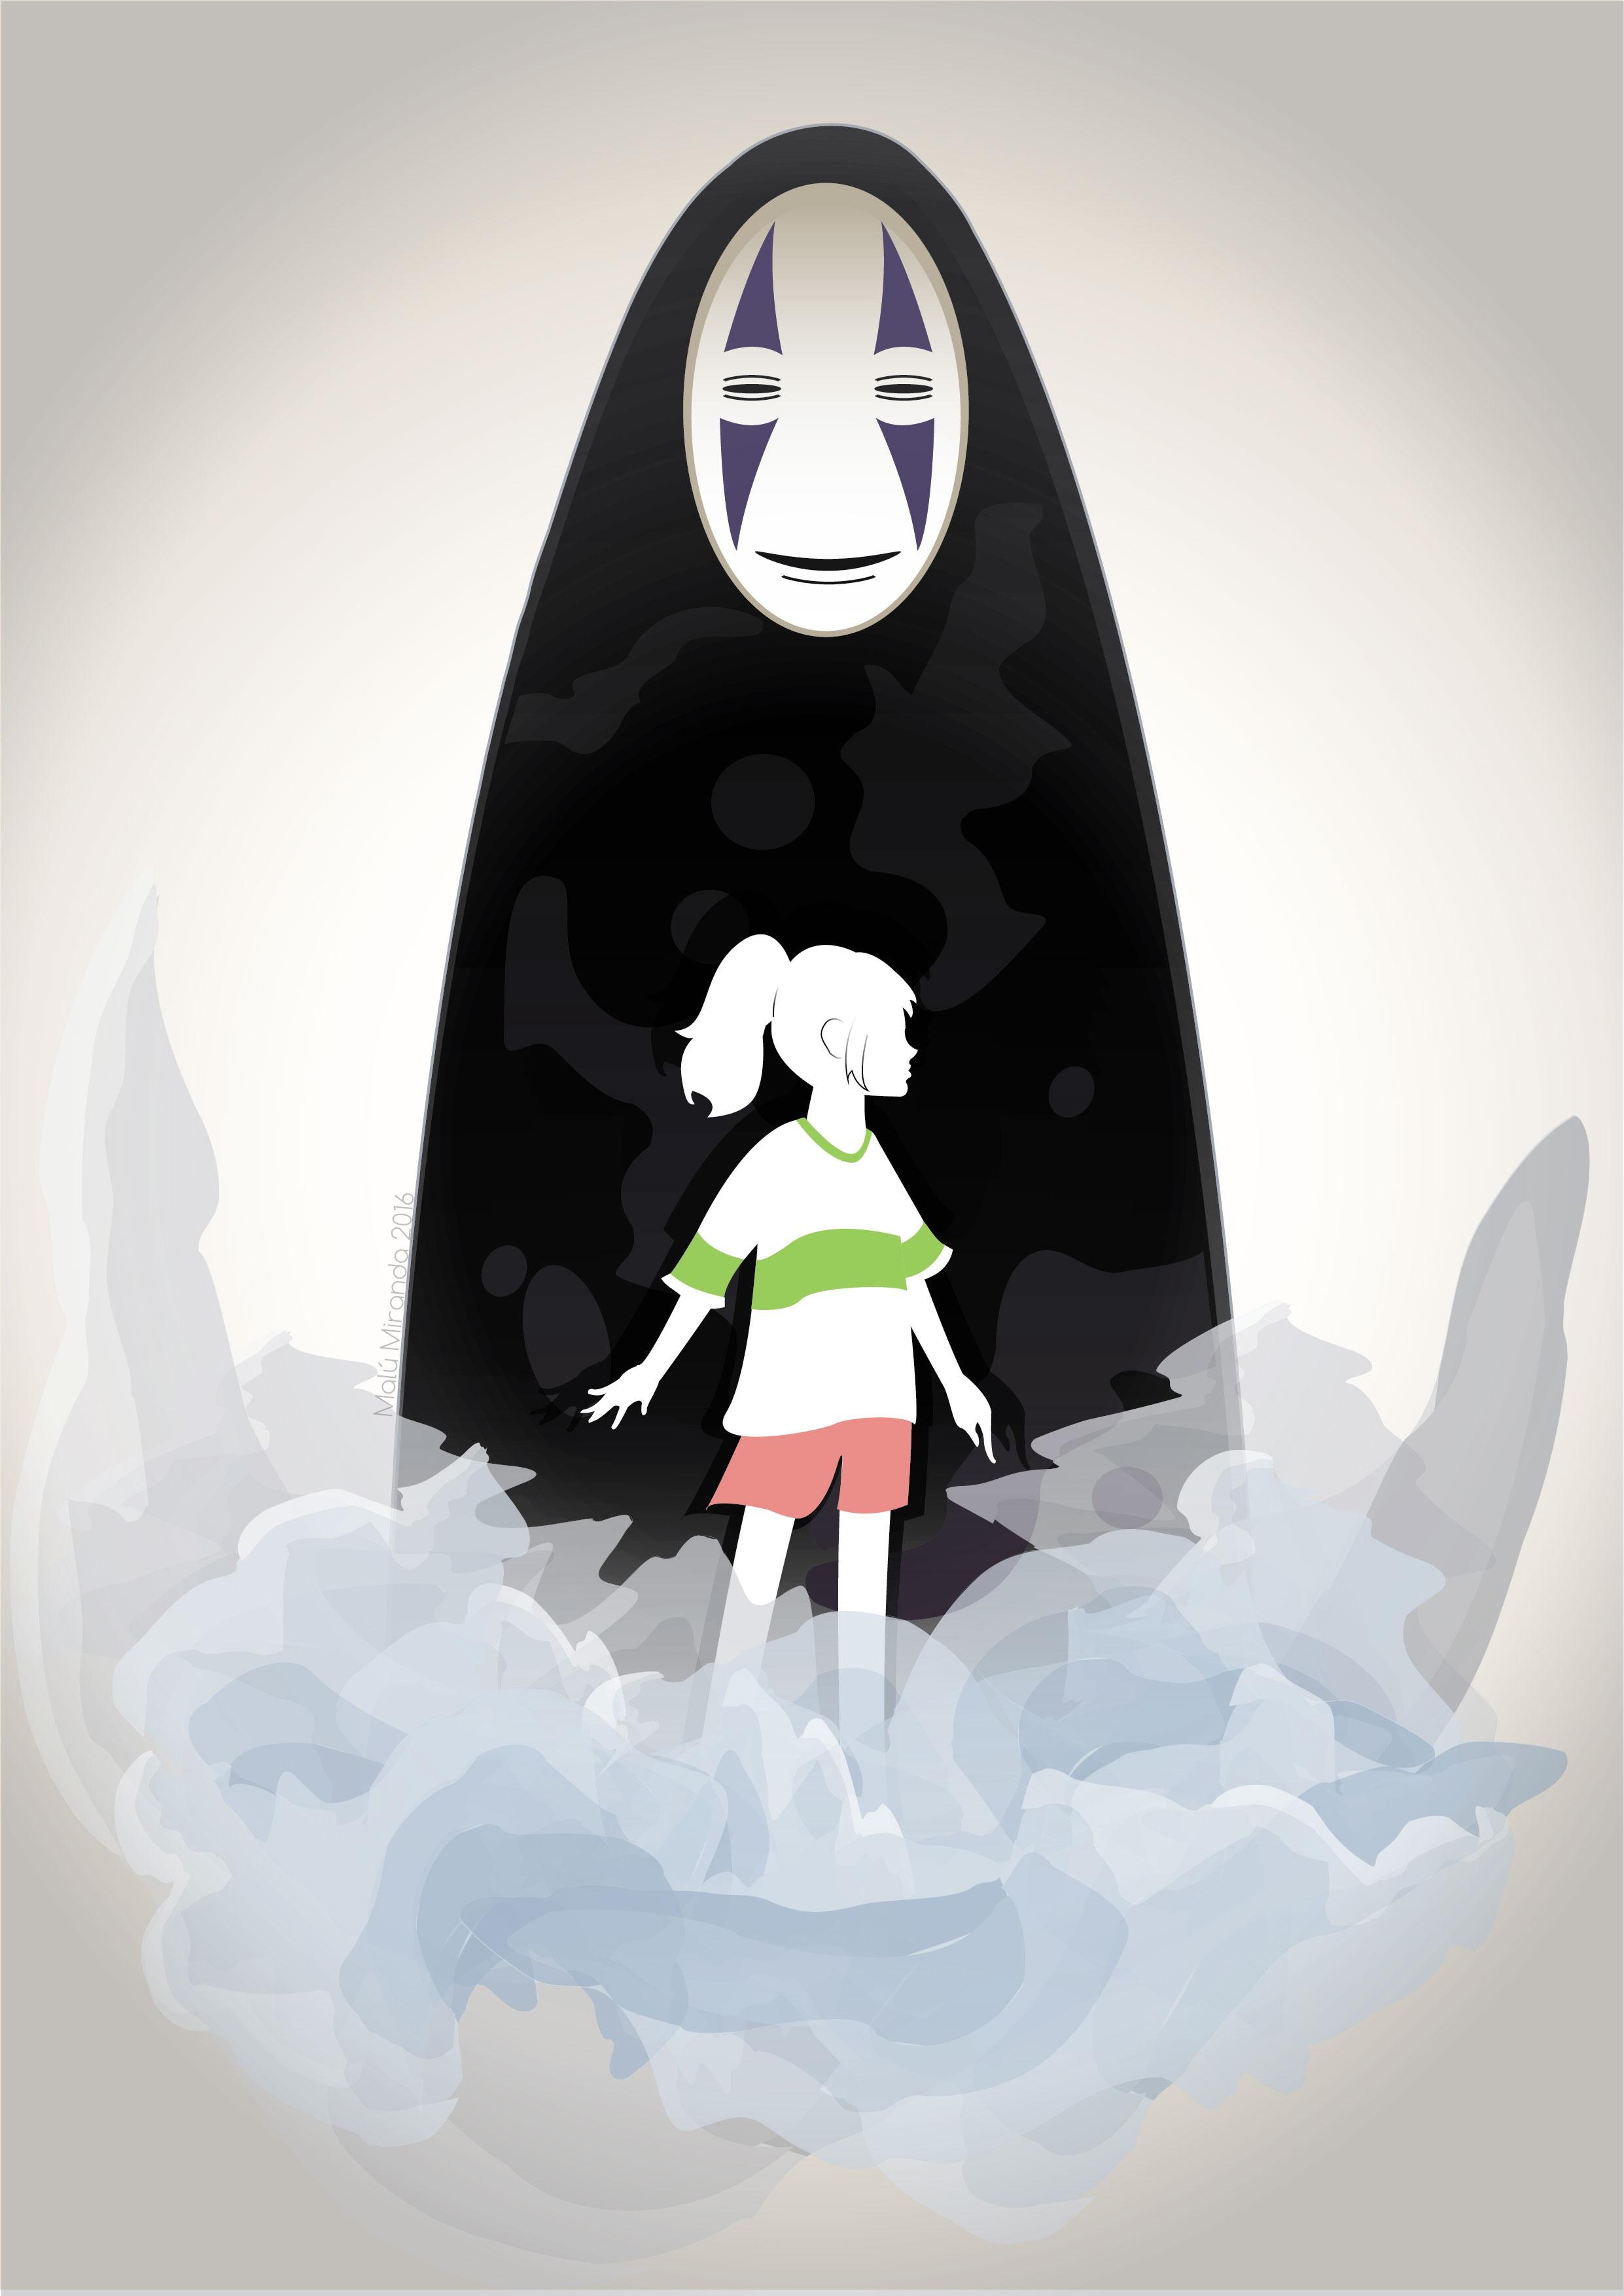 2482x3509 Spirited Away (Studio Ghibli) By Malumiranda